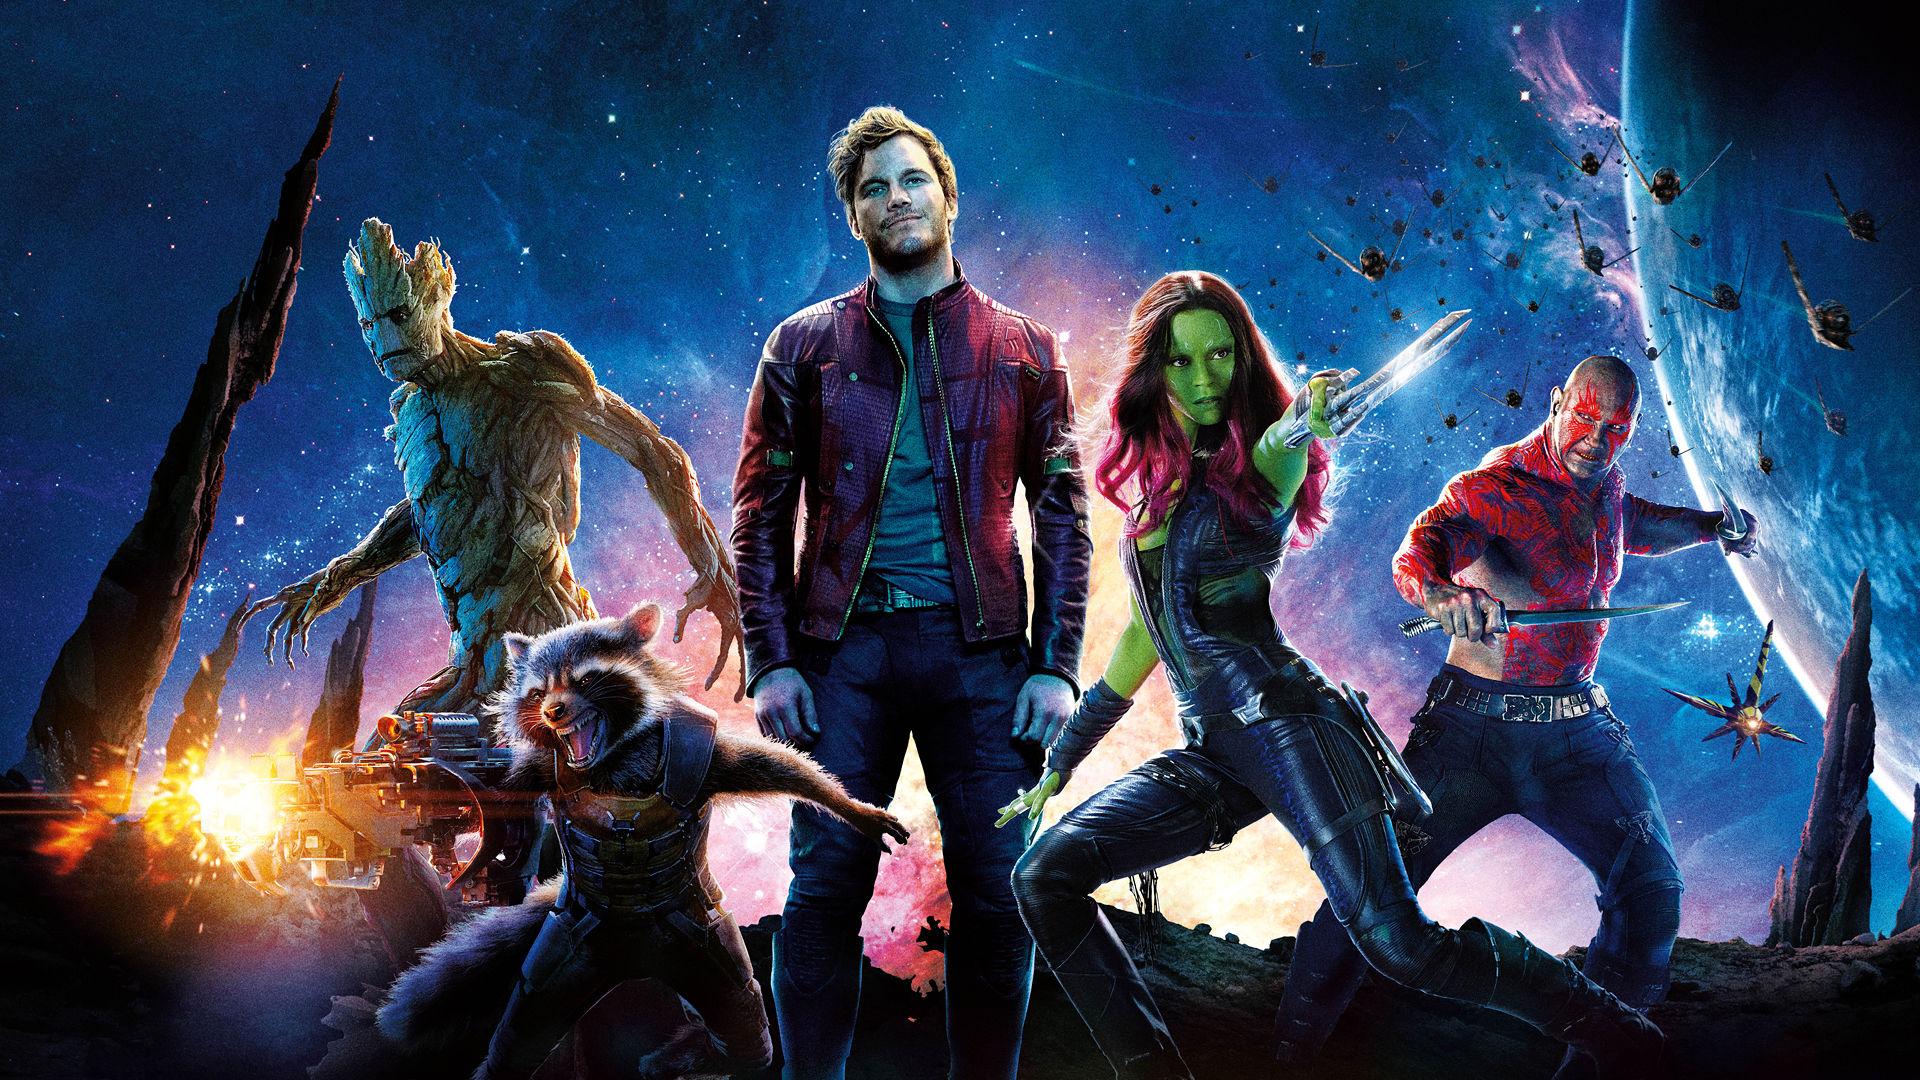 Guardianes de la Galaxia 3 sí formará parte de la Fase 4 del MCU